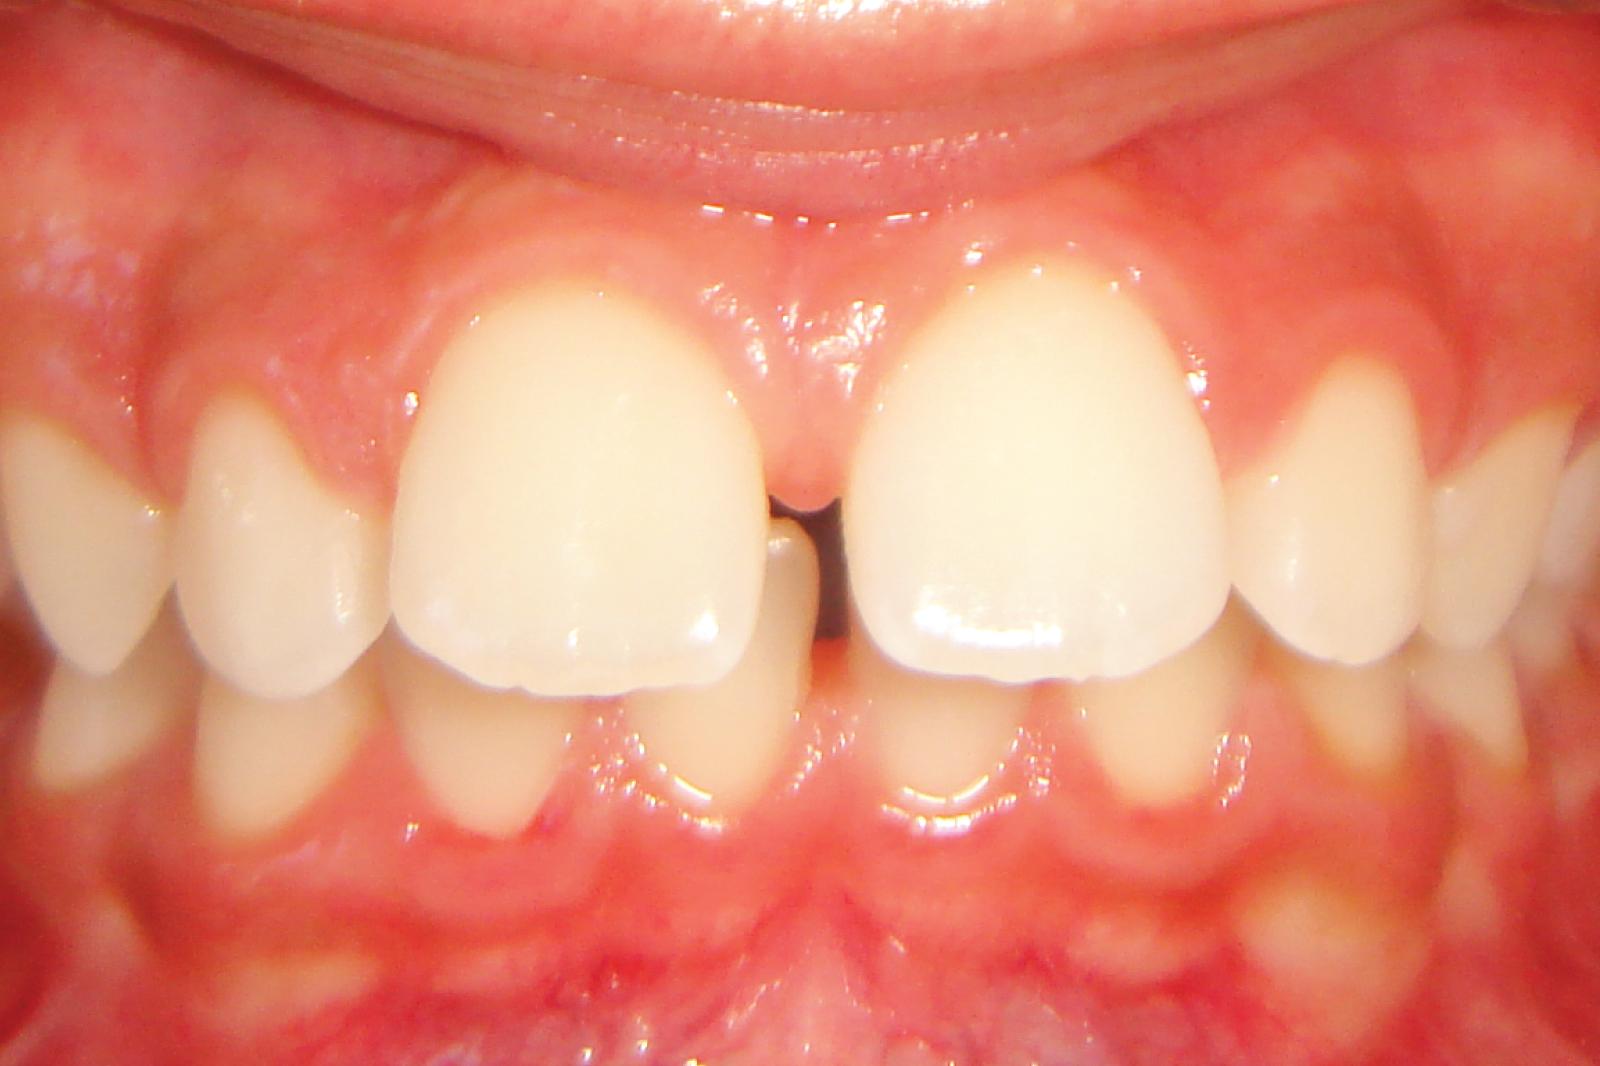 Ortodontia - Avanço da dentição superior Destaque